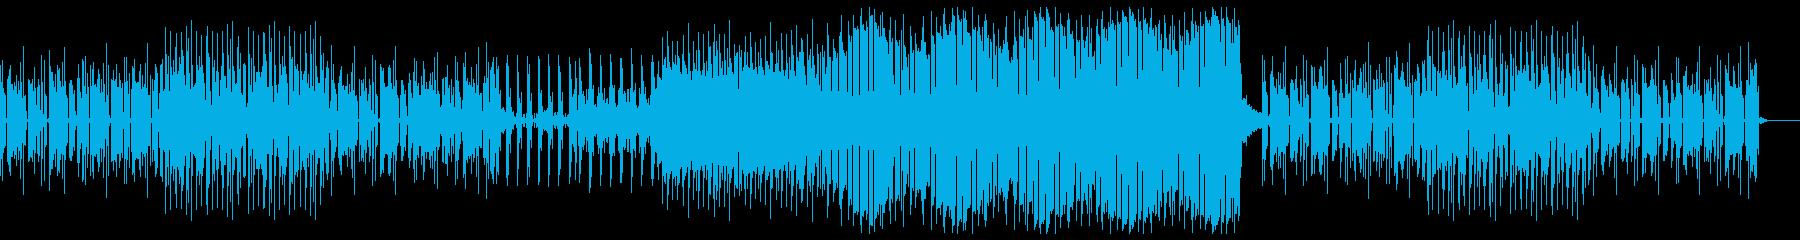 エレクトロ・ダウンテンポ・トラップの再生済みの波形